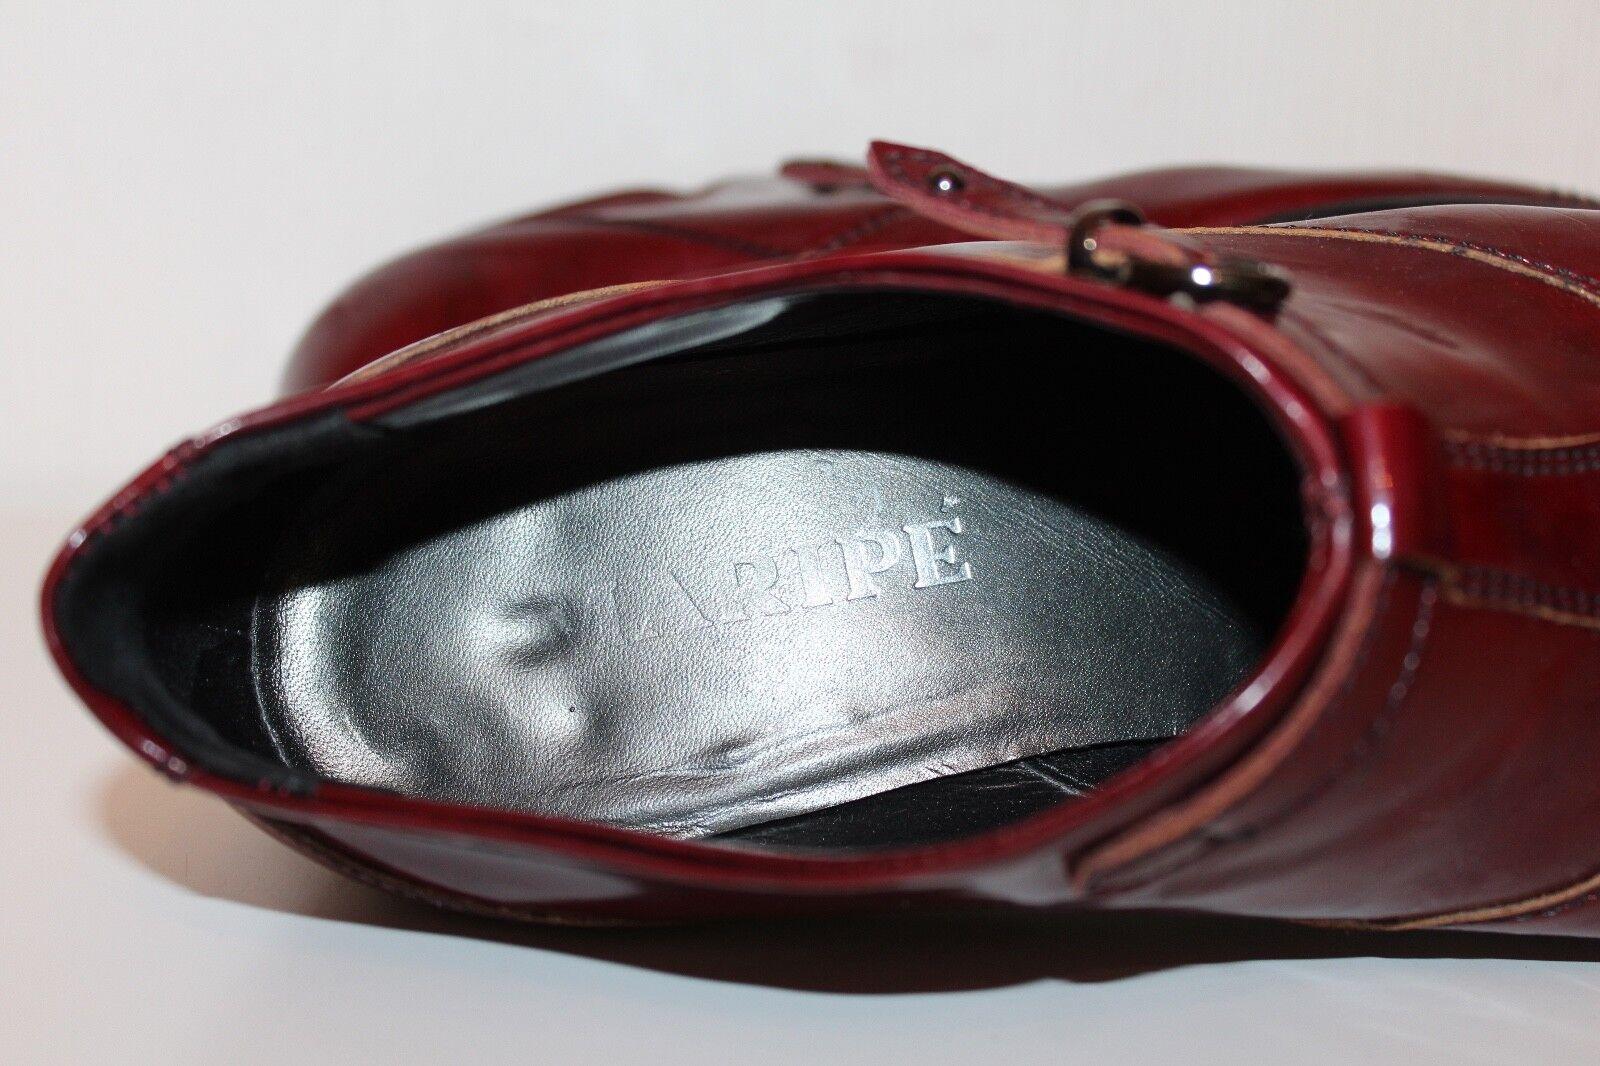 Maripé Maripé Maripé LEDER STIEFELETTEN PISTOL Chelsea Ankle Stiefel STIEFEL BOOTIES 37 ROT ROT 5df62c